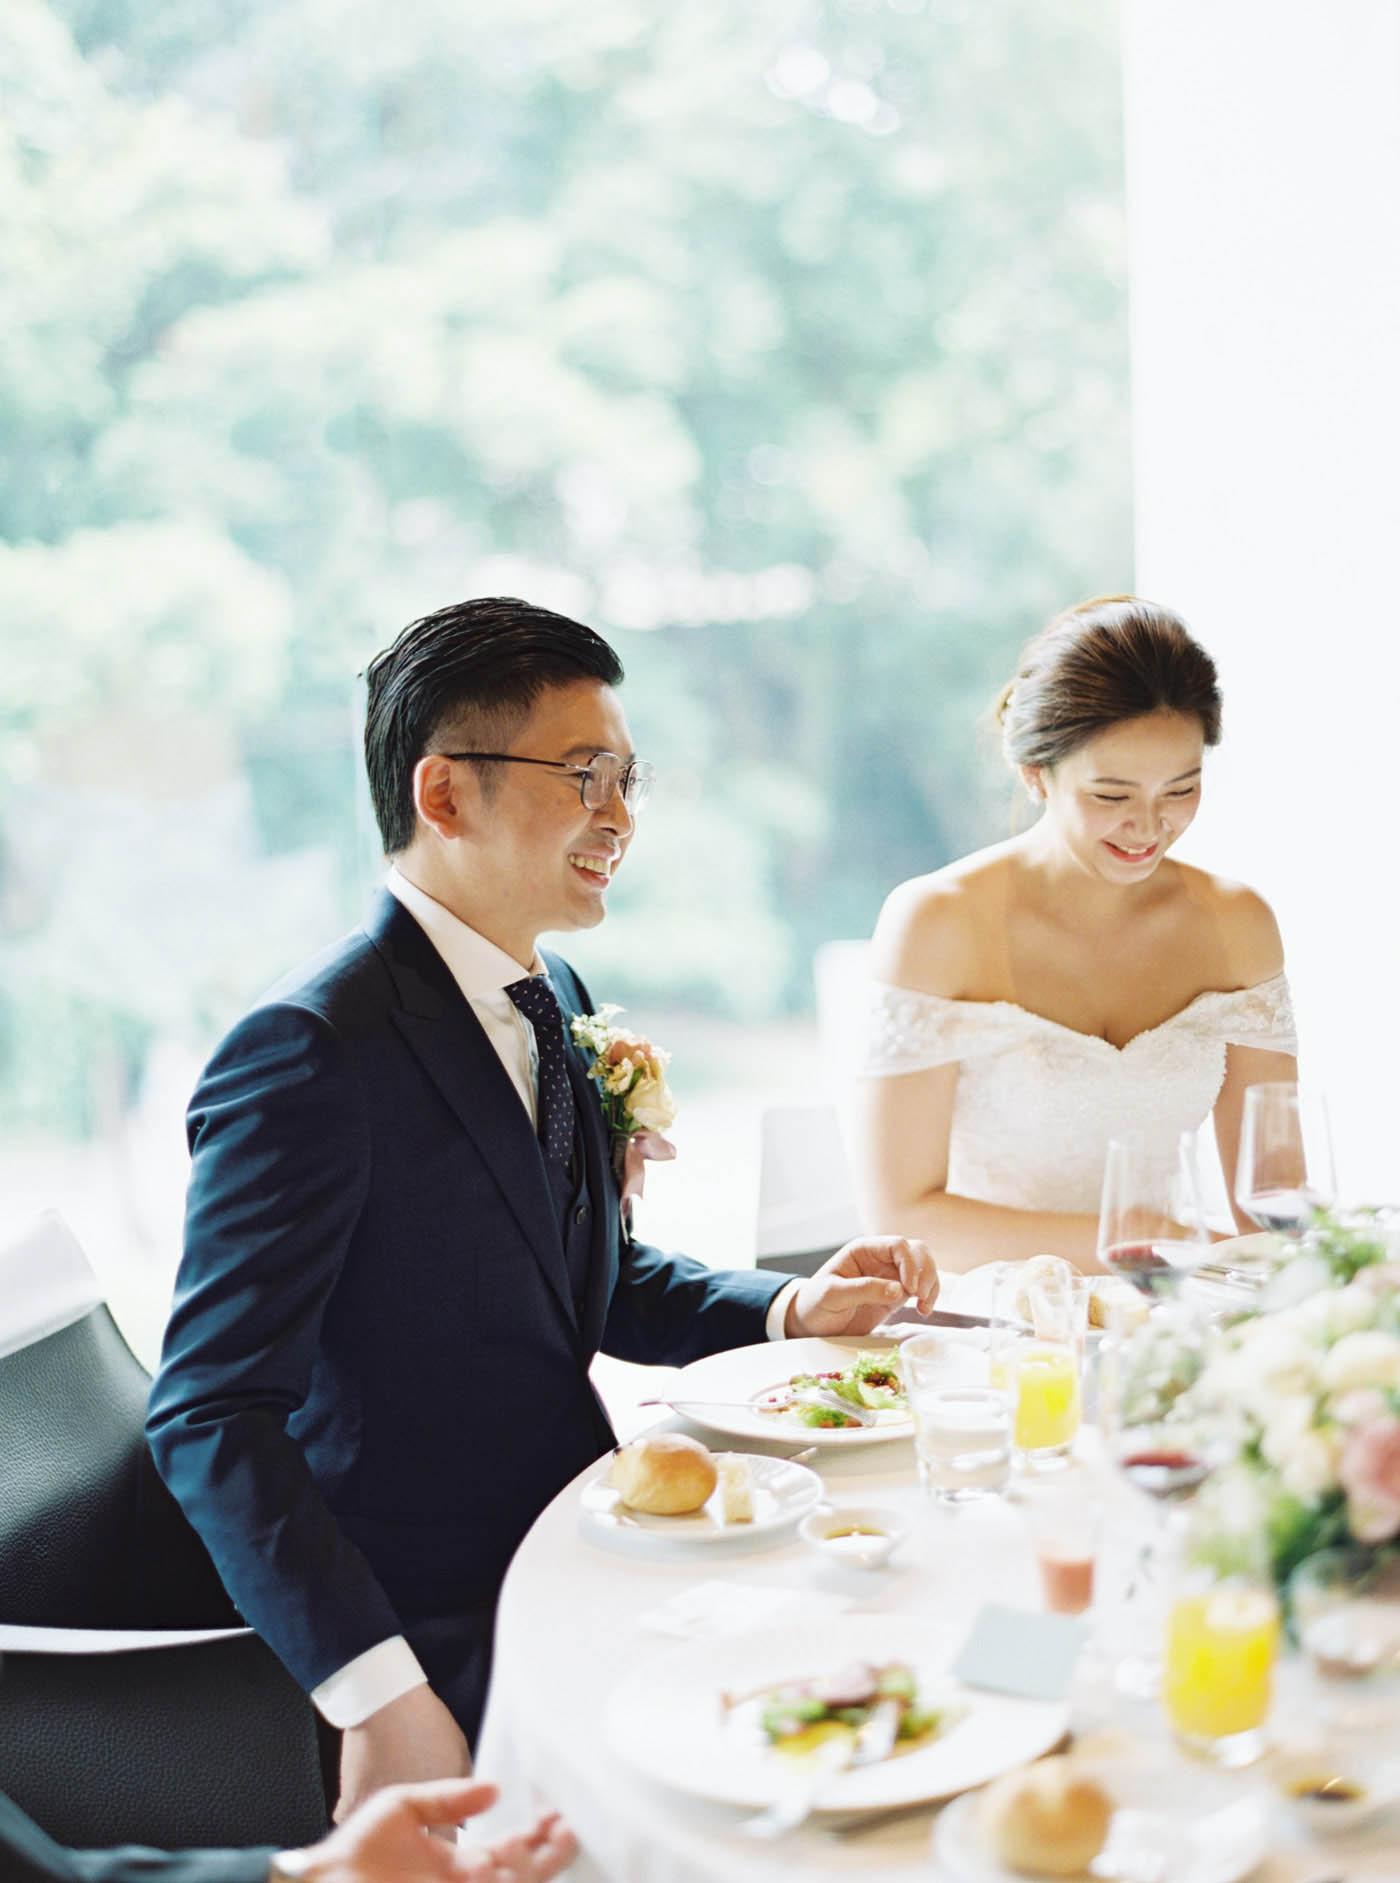 暖暖婚禮主持-誠品行旅婚禮